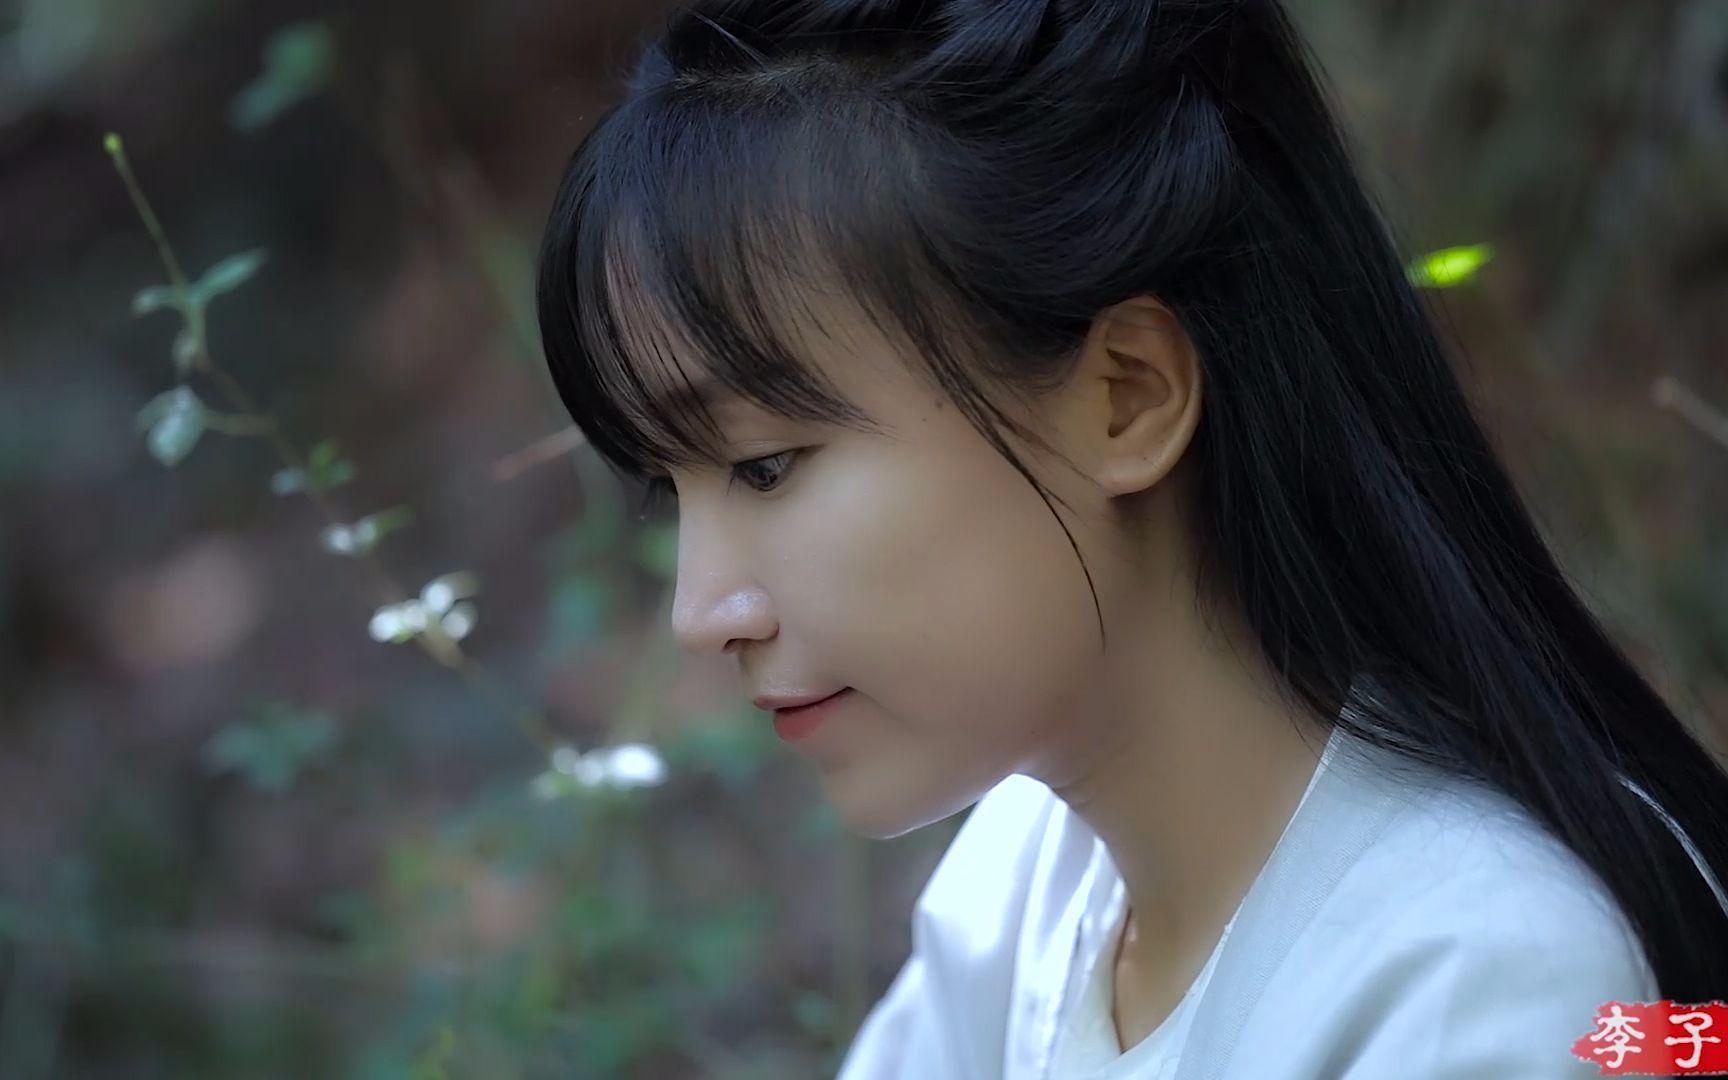 李子柒女神—山外小樓夜聽雨_嗶哩嗶哩 (゜-゜)つロ 干杯~-bilibili